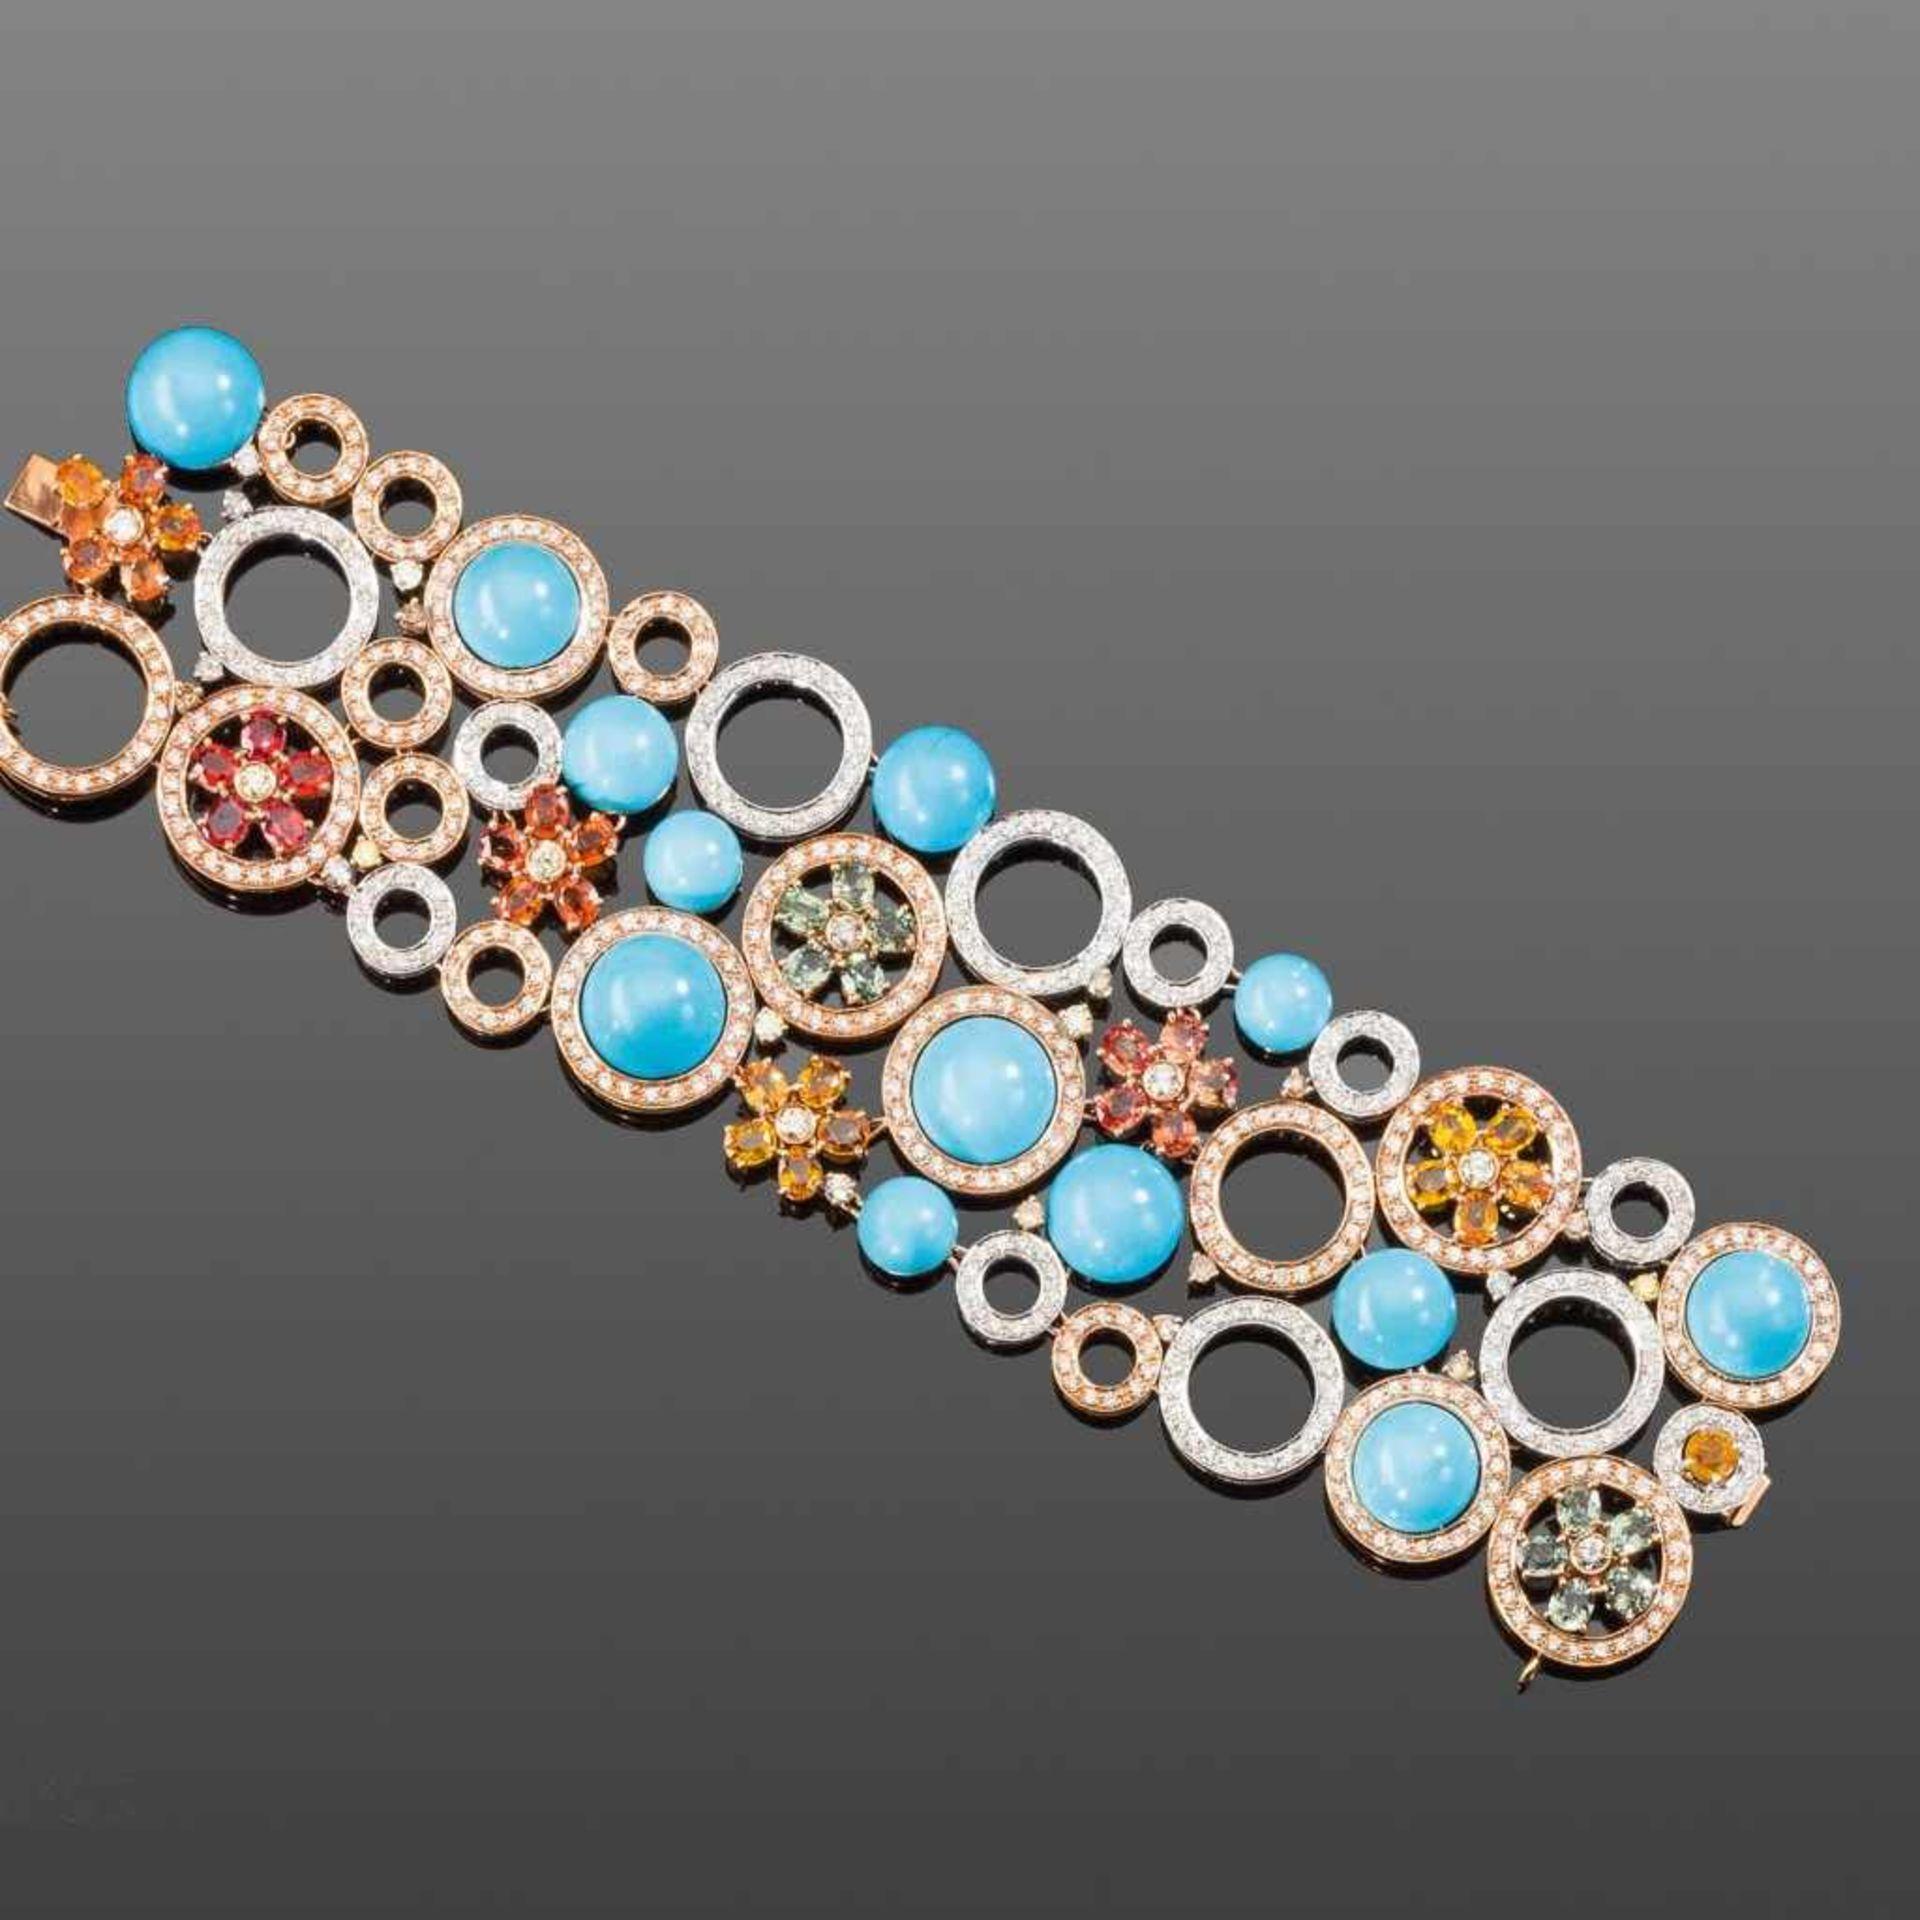 Außergewöhnliches Magnesit-/Brillant-/Farbsteinarmband. Kreise und Blüten. Brillanten ca. 14,38